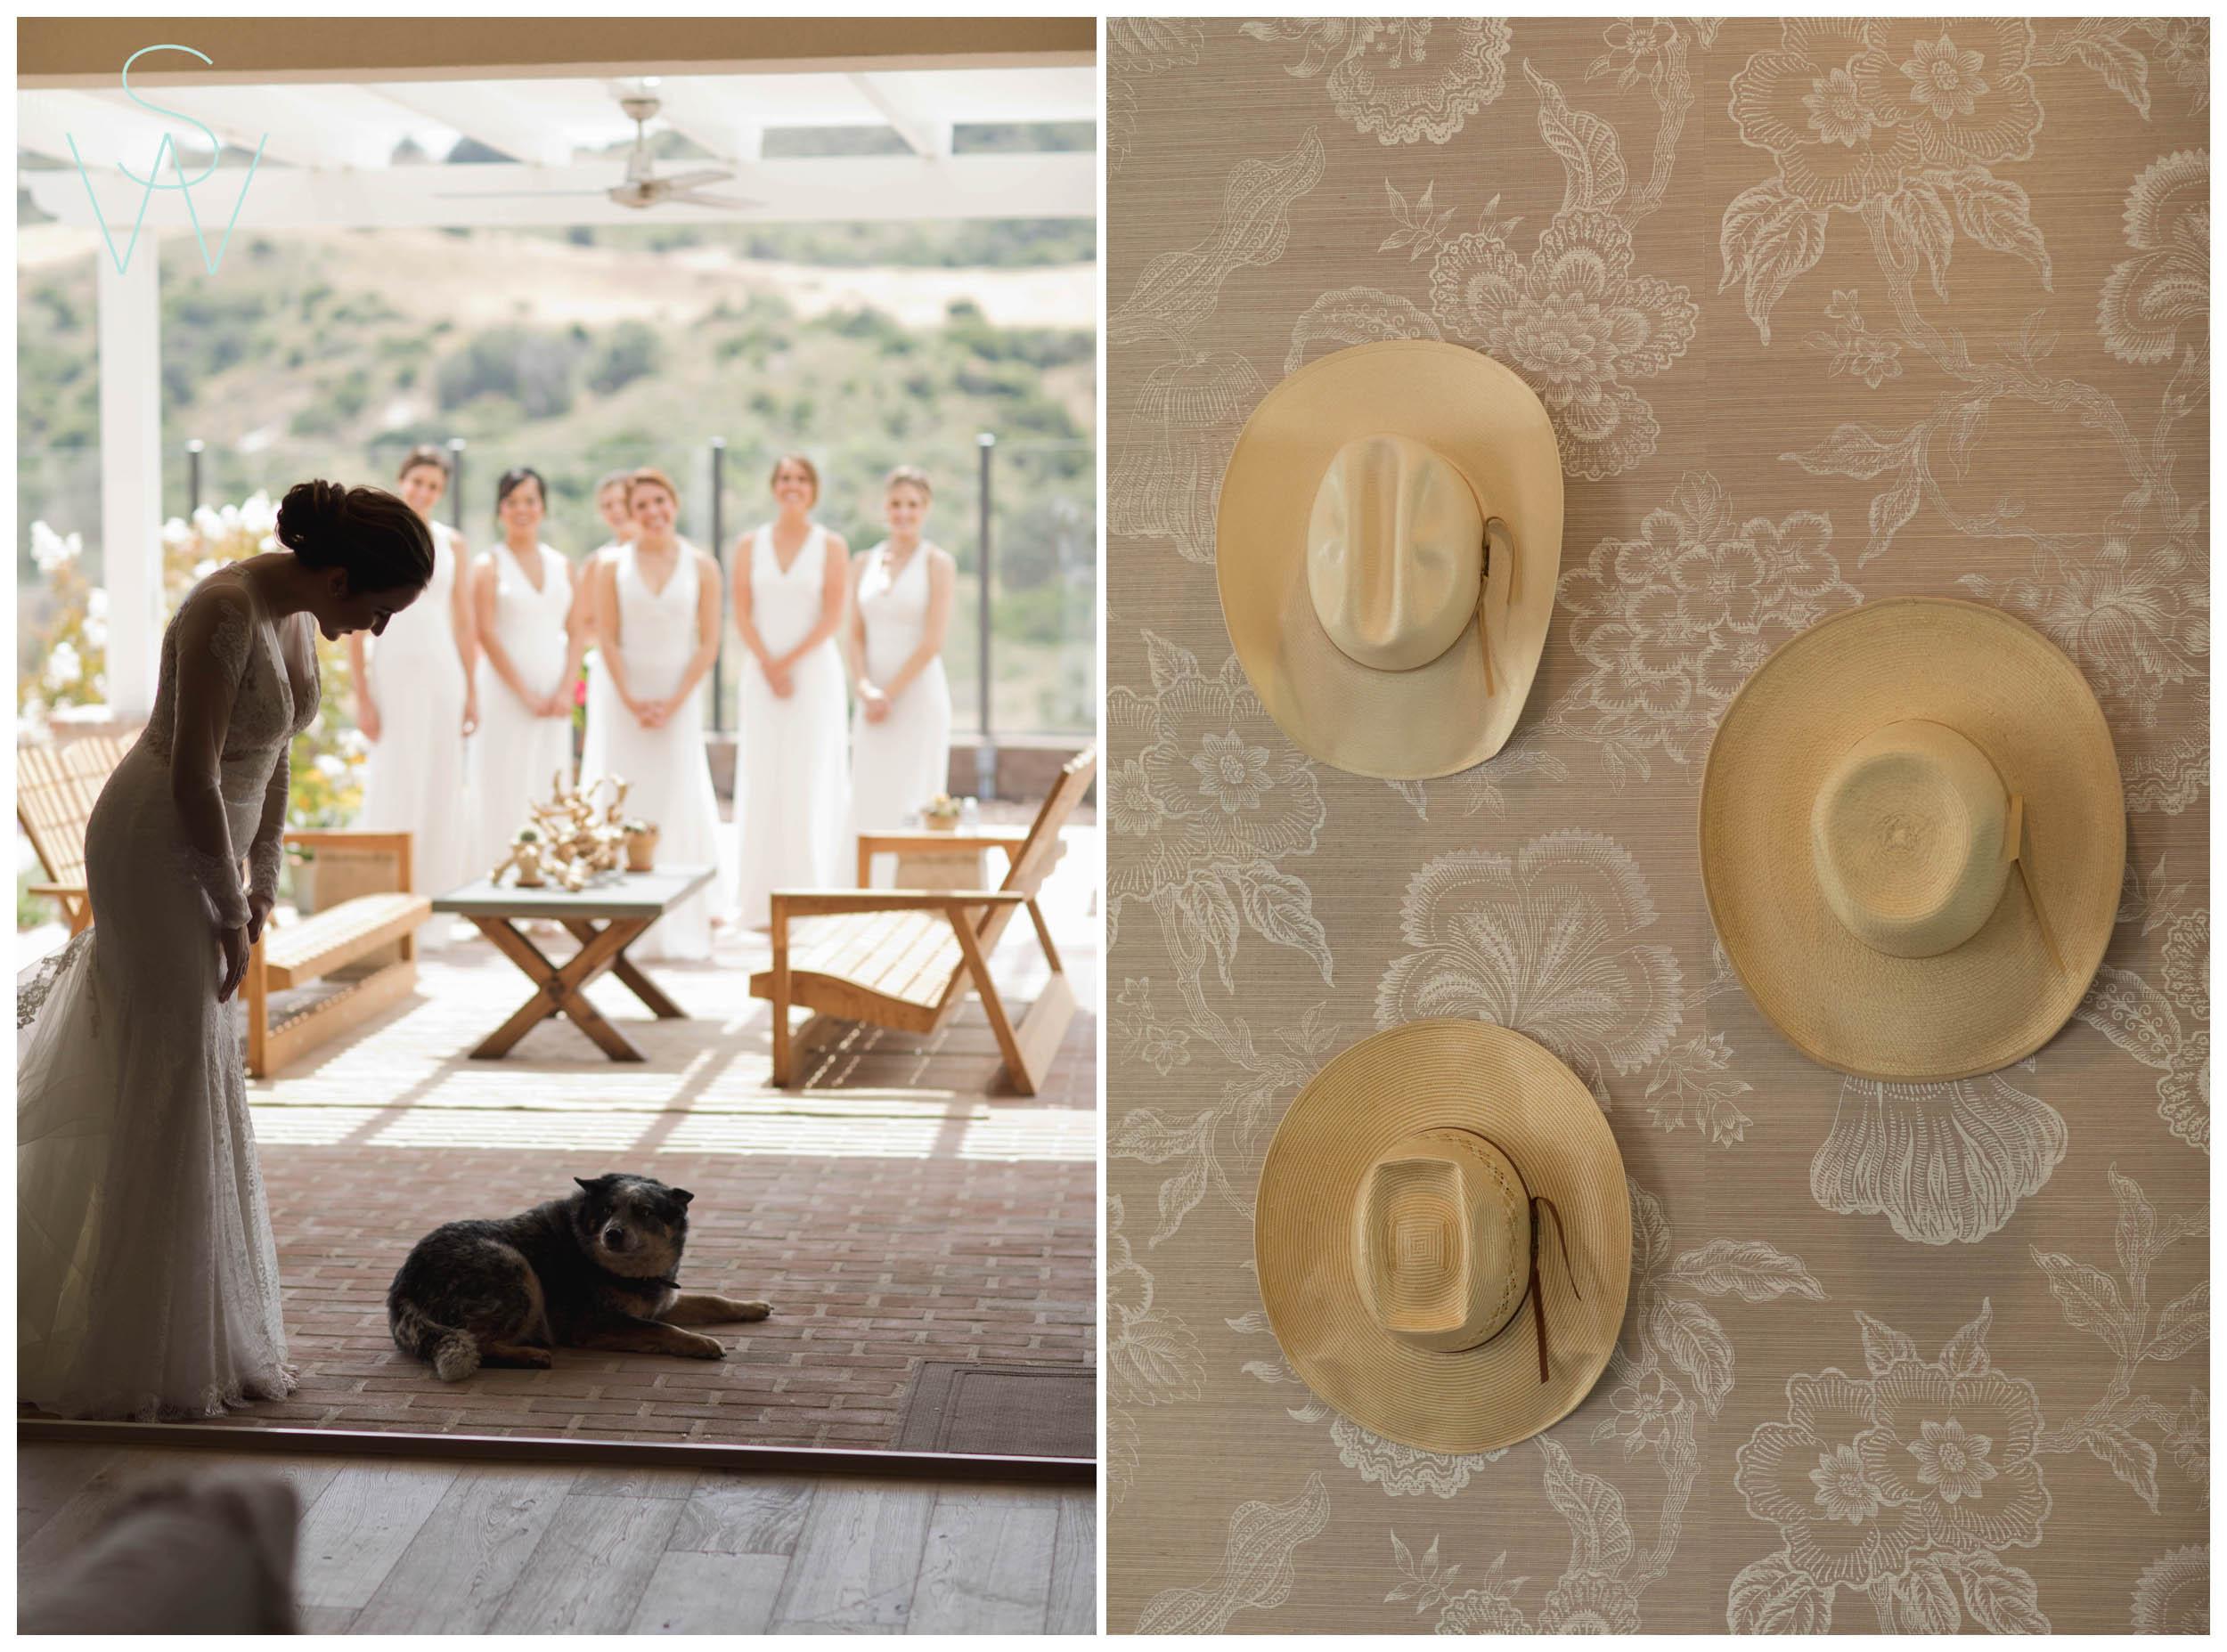 Shewanders.san_.diego_.wedding.photography.private.estate.tara_.jason-3779.jpg.diego_.wedding.photography.private.estate.tara_.jason-377.jpg